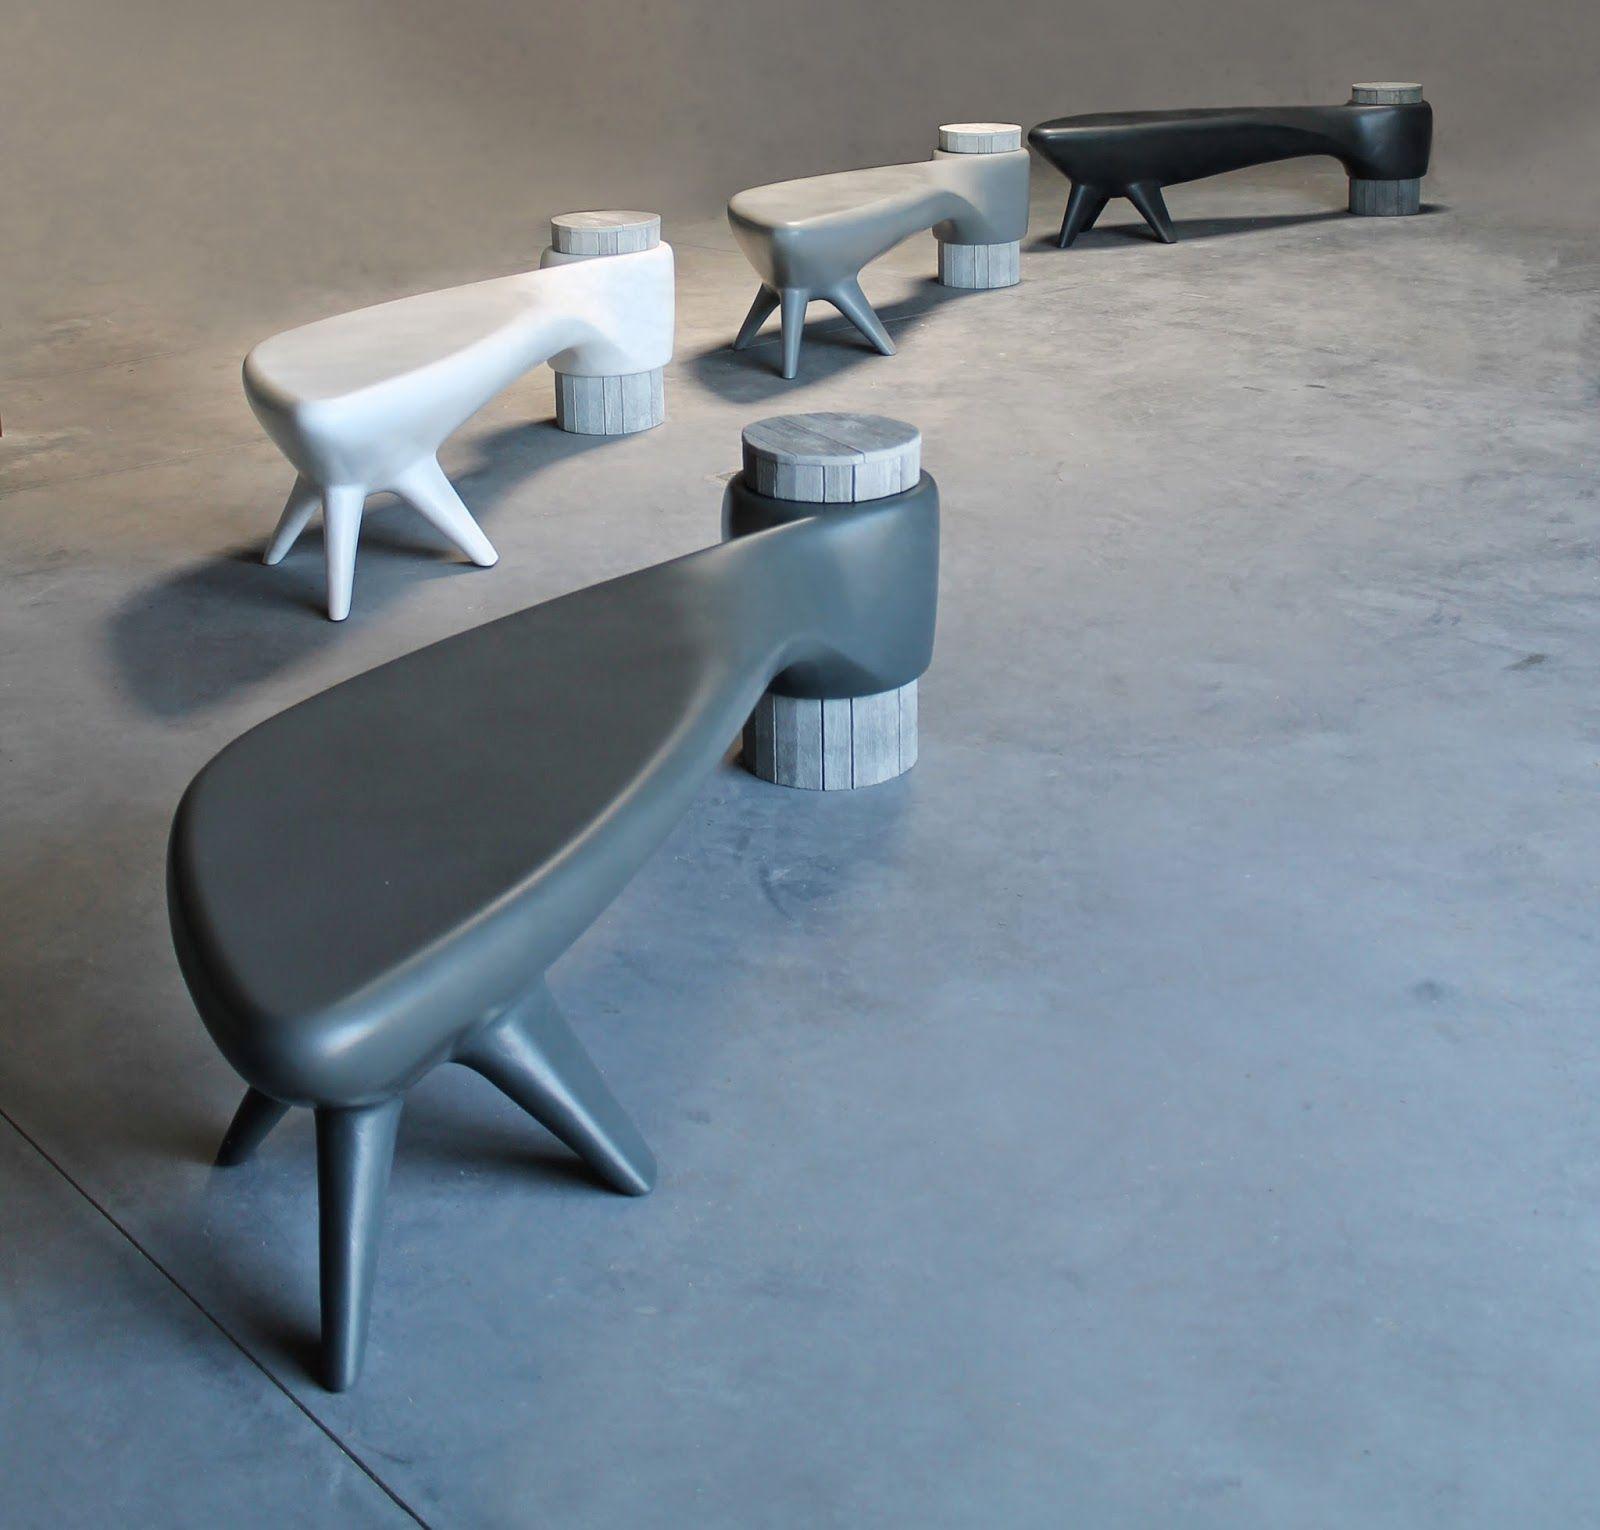 Beton Concrete Akene Mobilier Design Mobilier Urbain